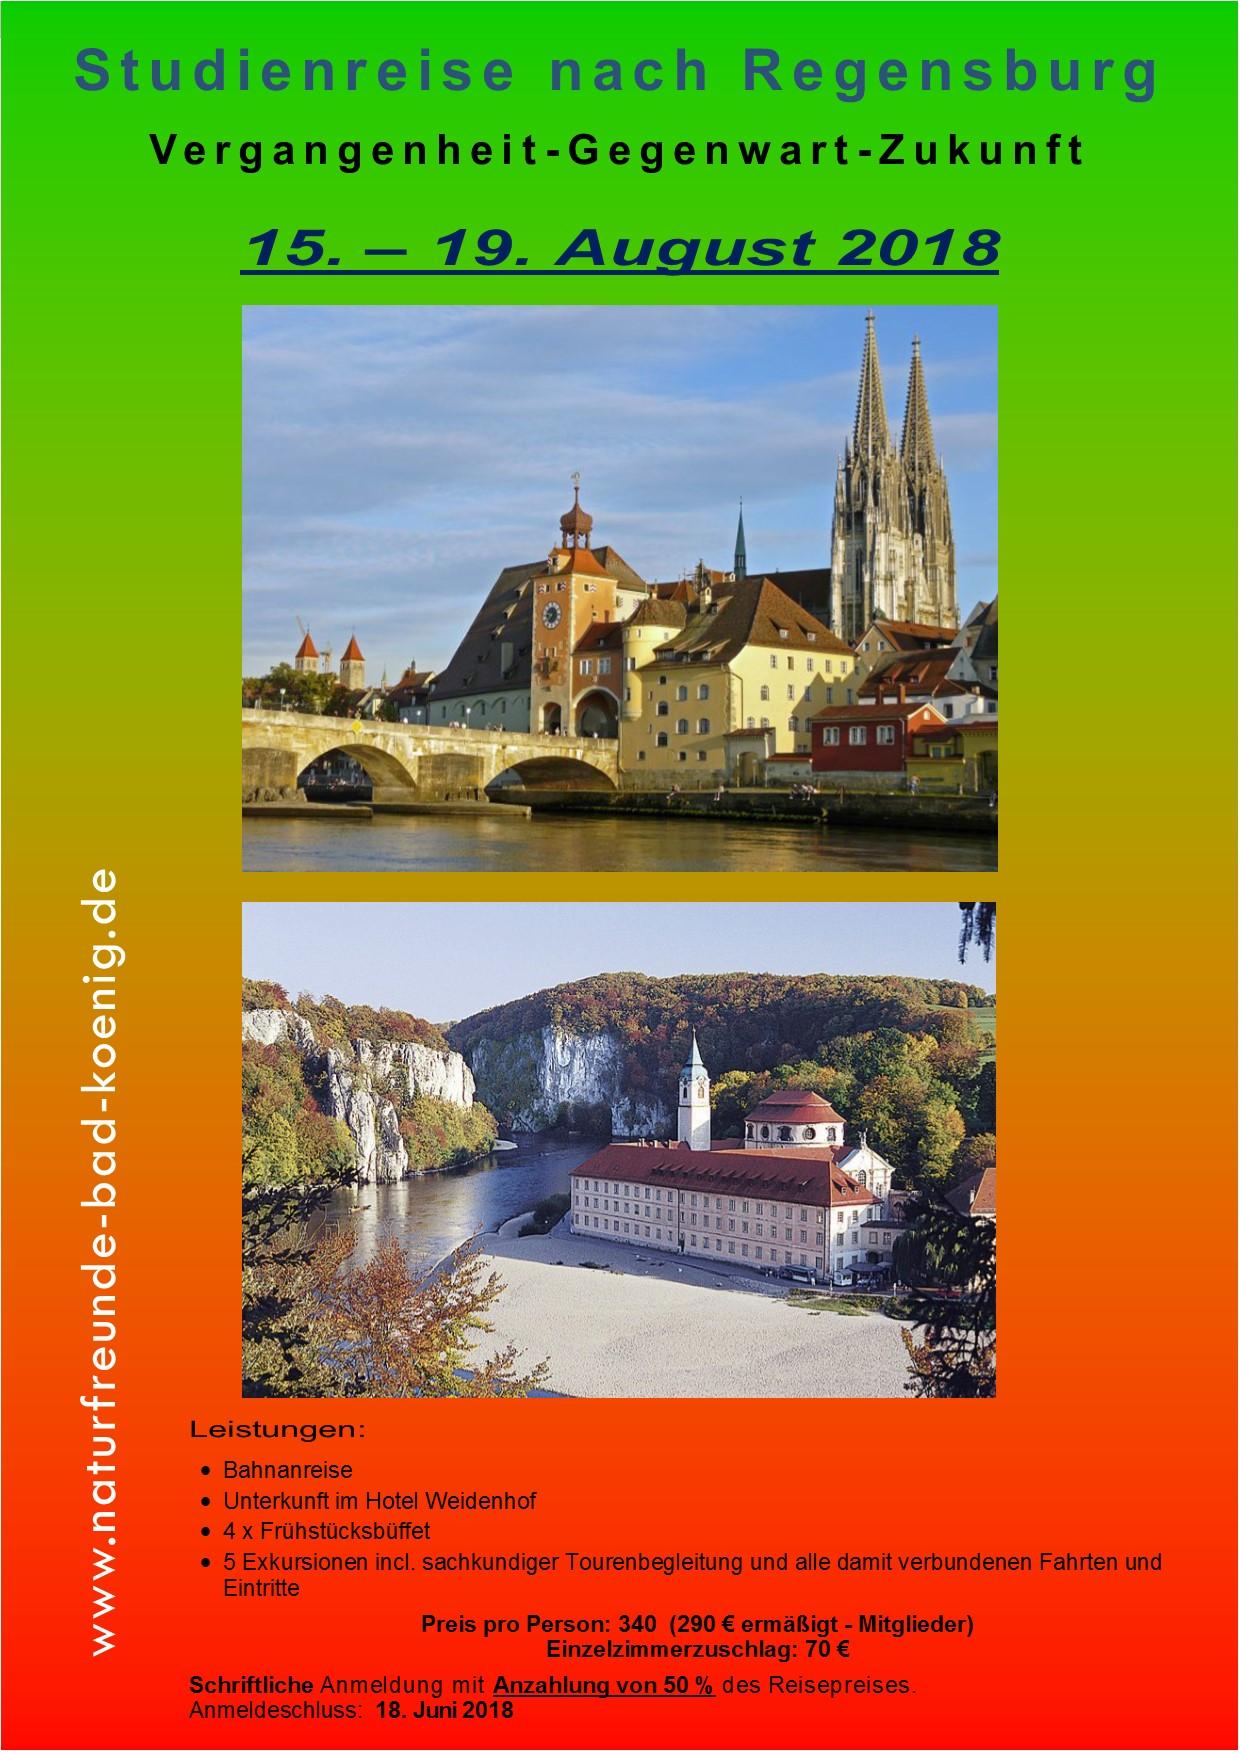 Studienreise nach Regensburg 15 - 19 August 2018jpg